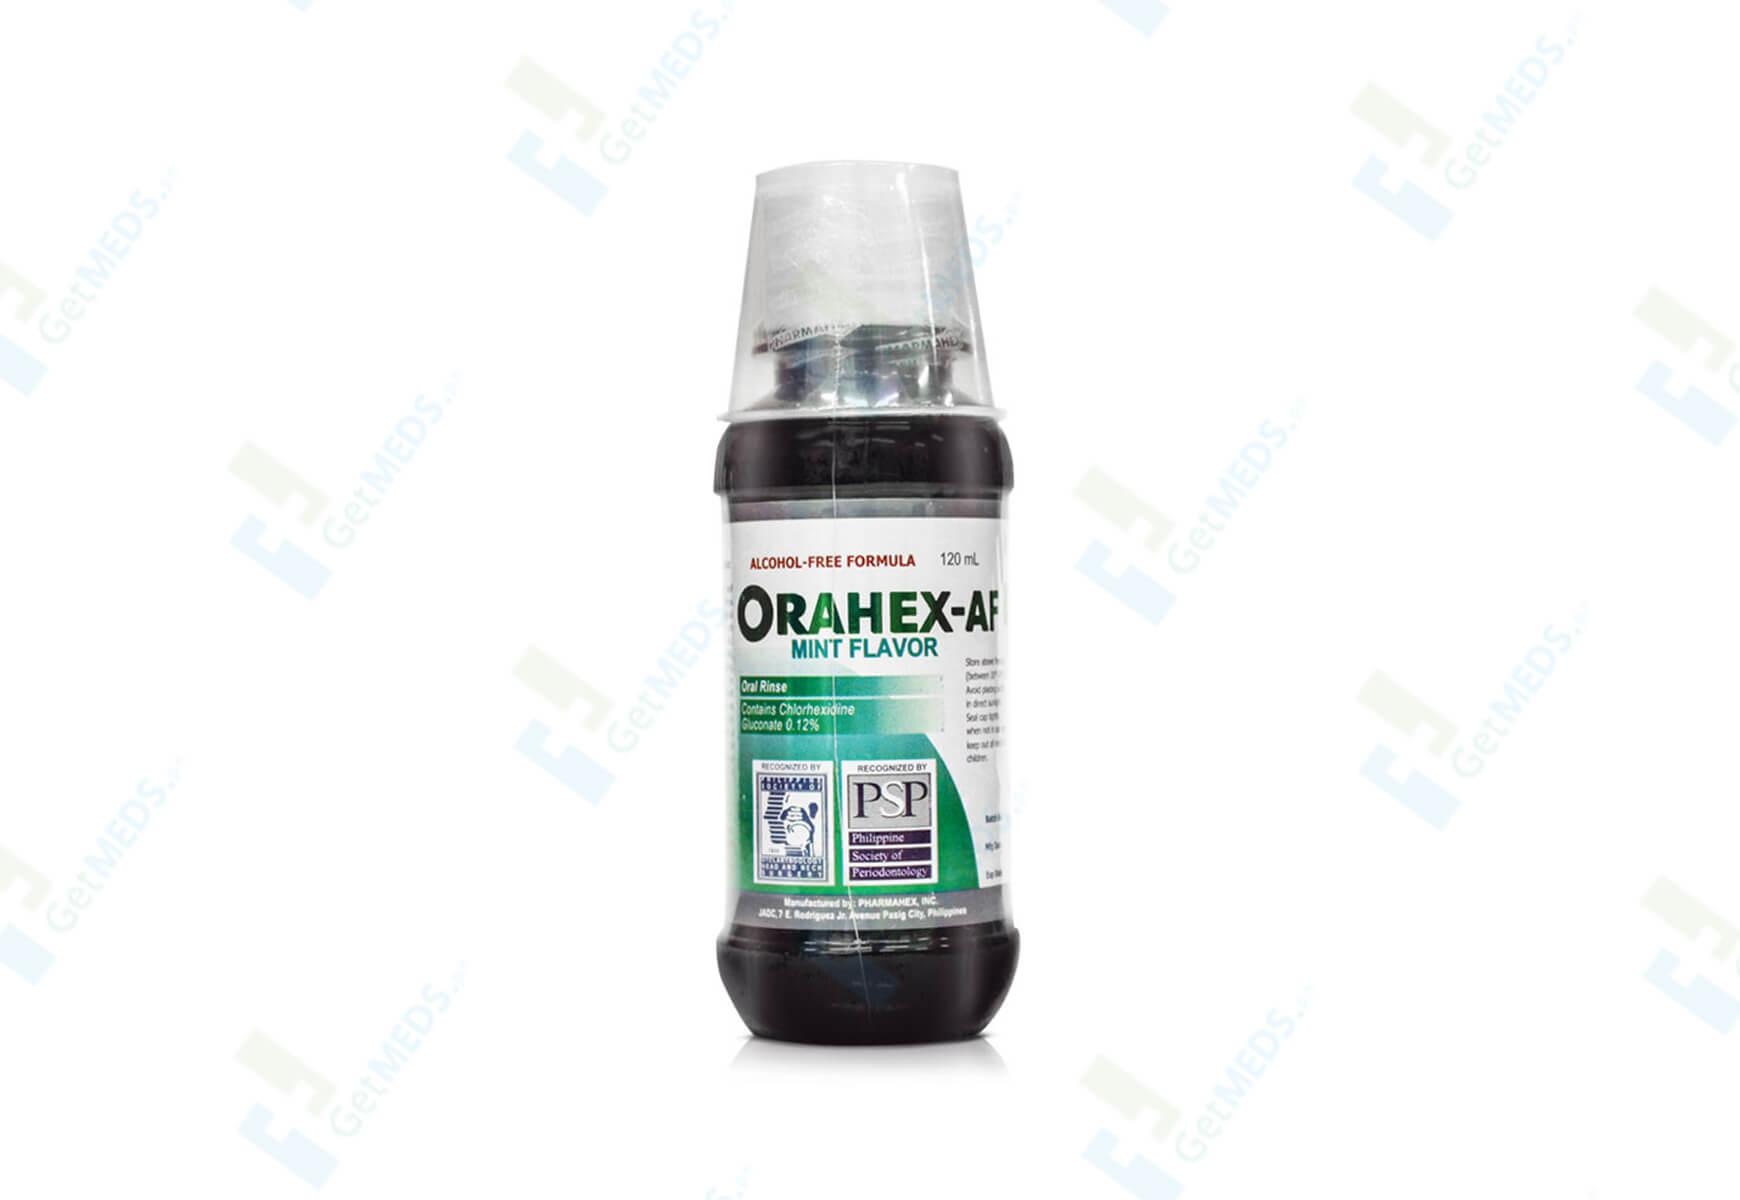 Orahex